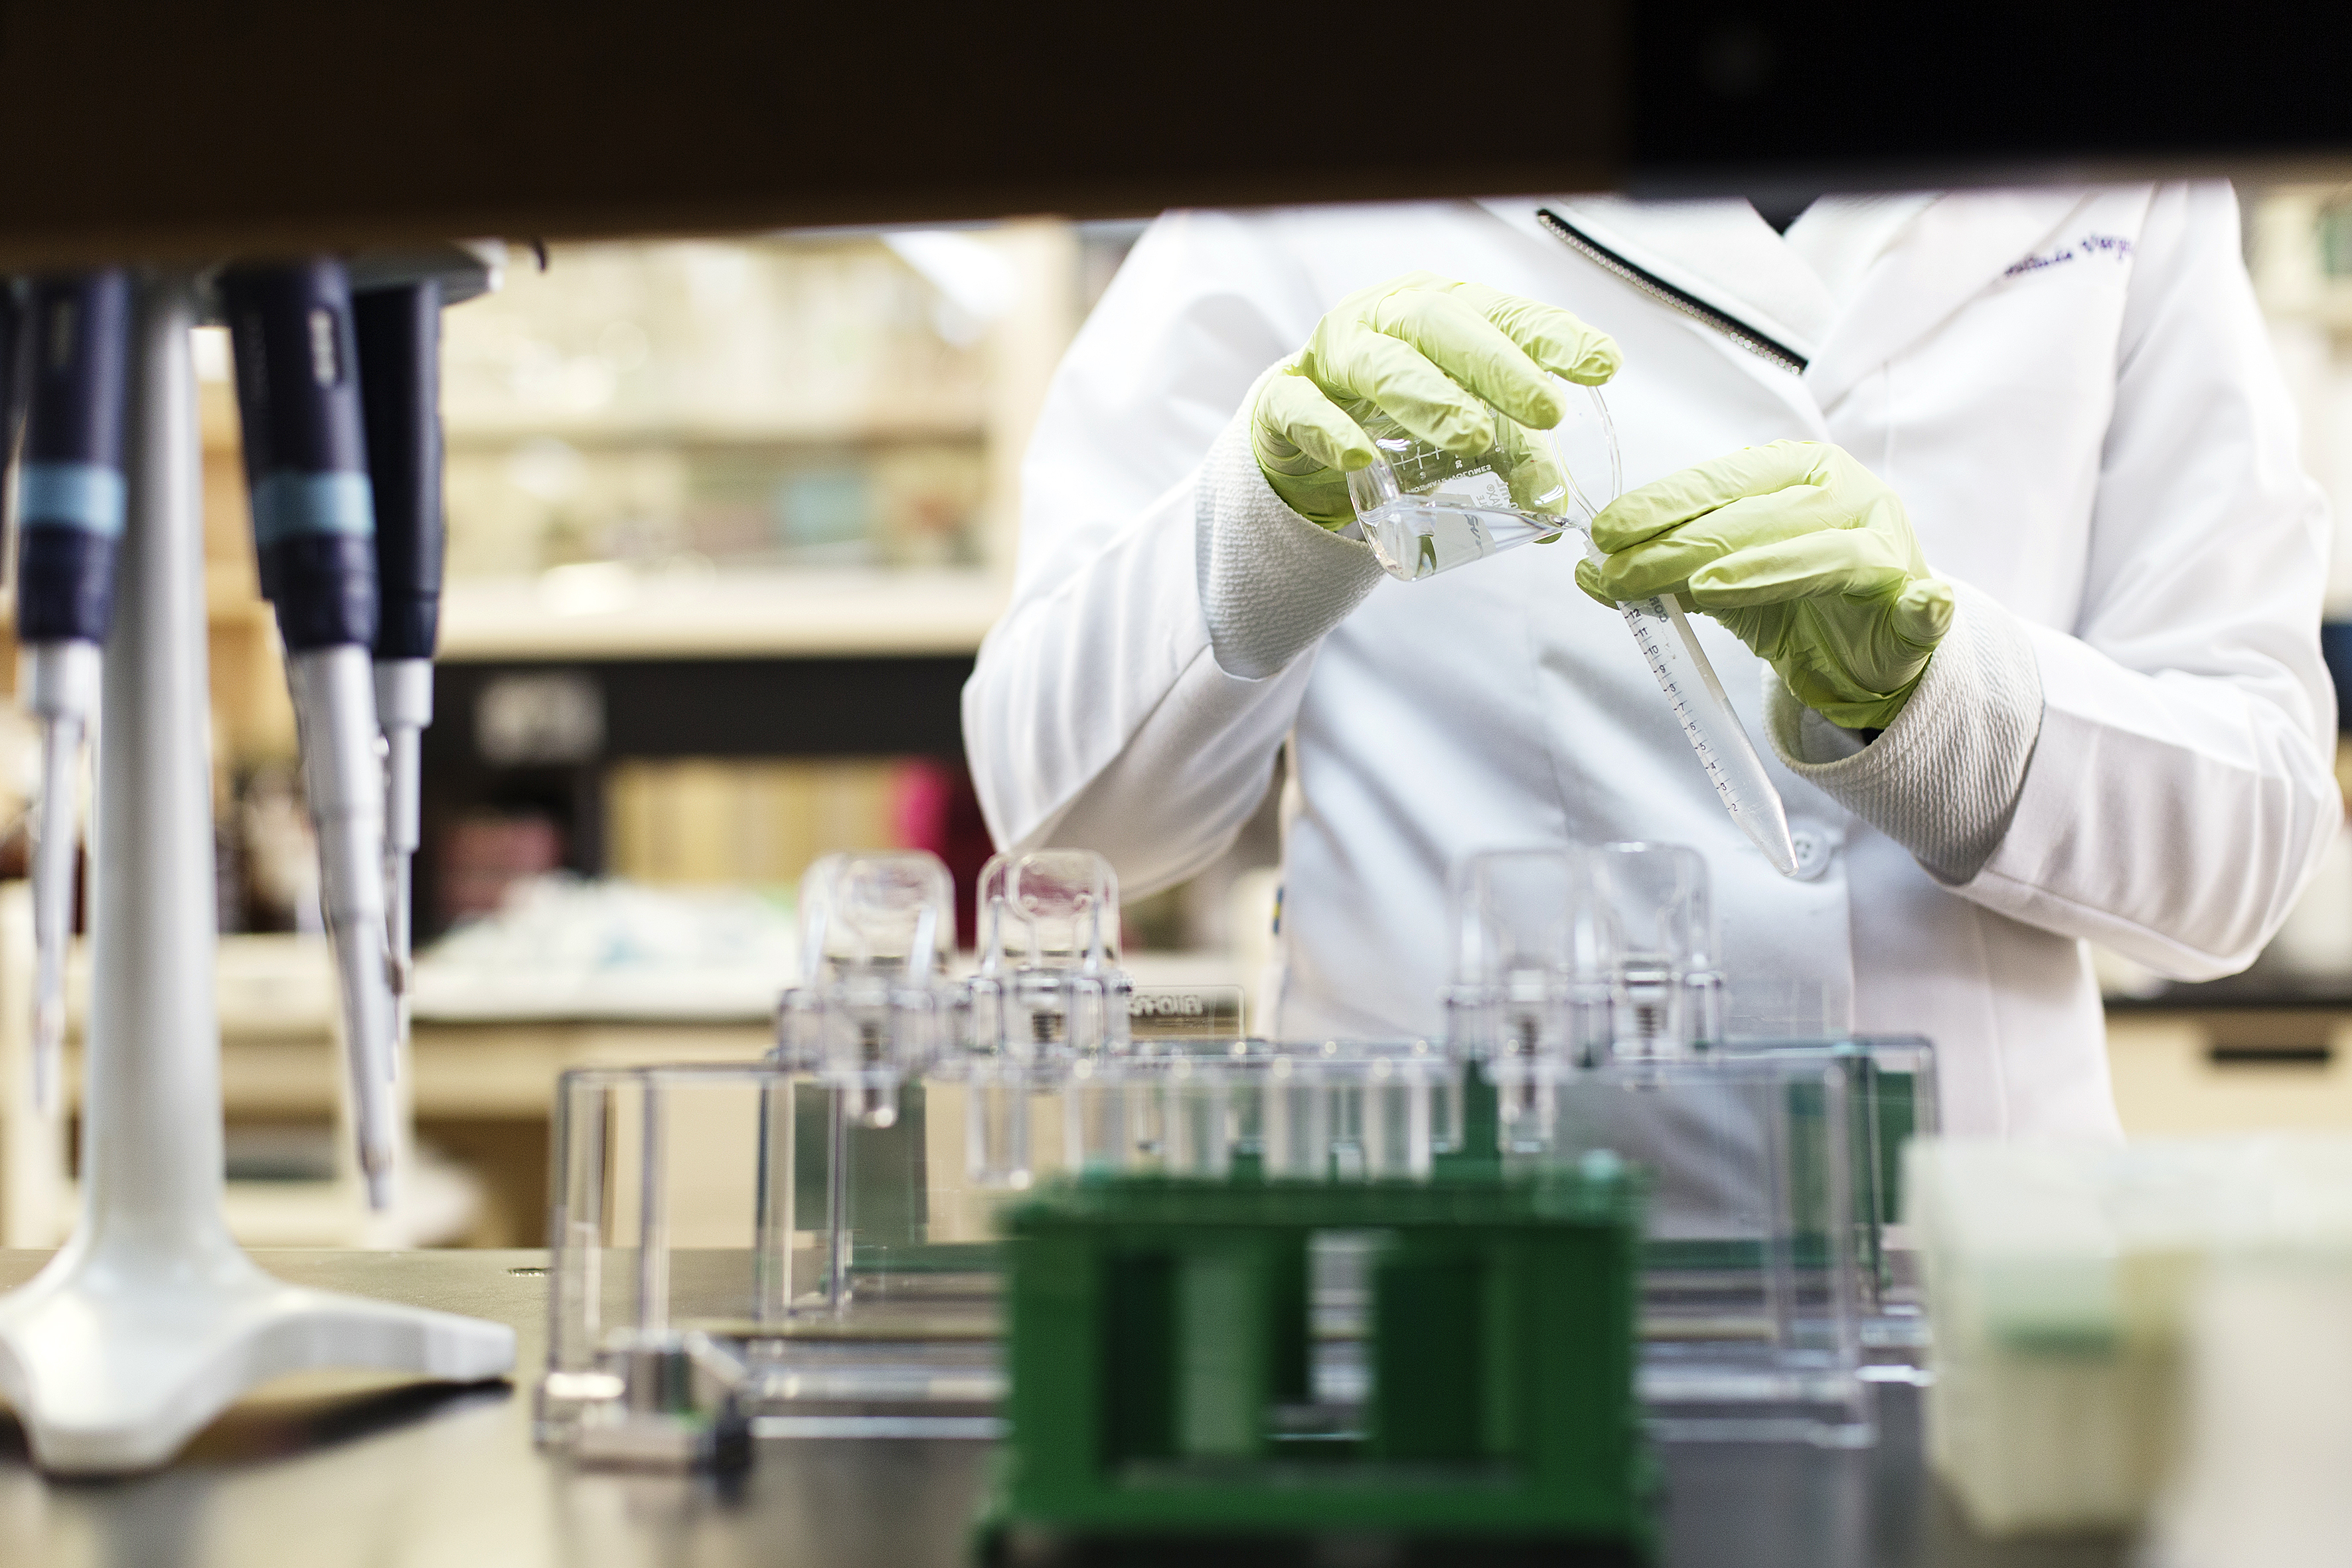 Investigador trabajando en el laboratorio